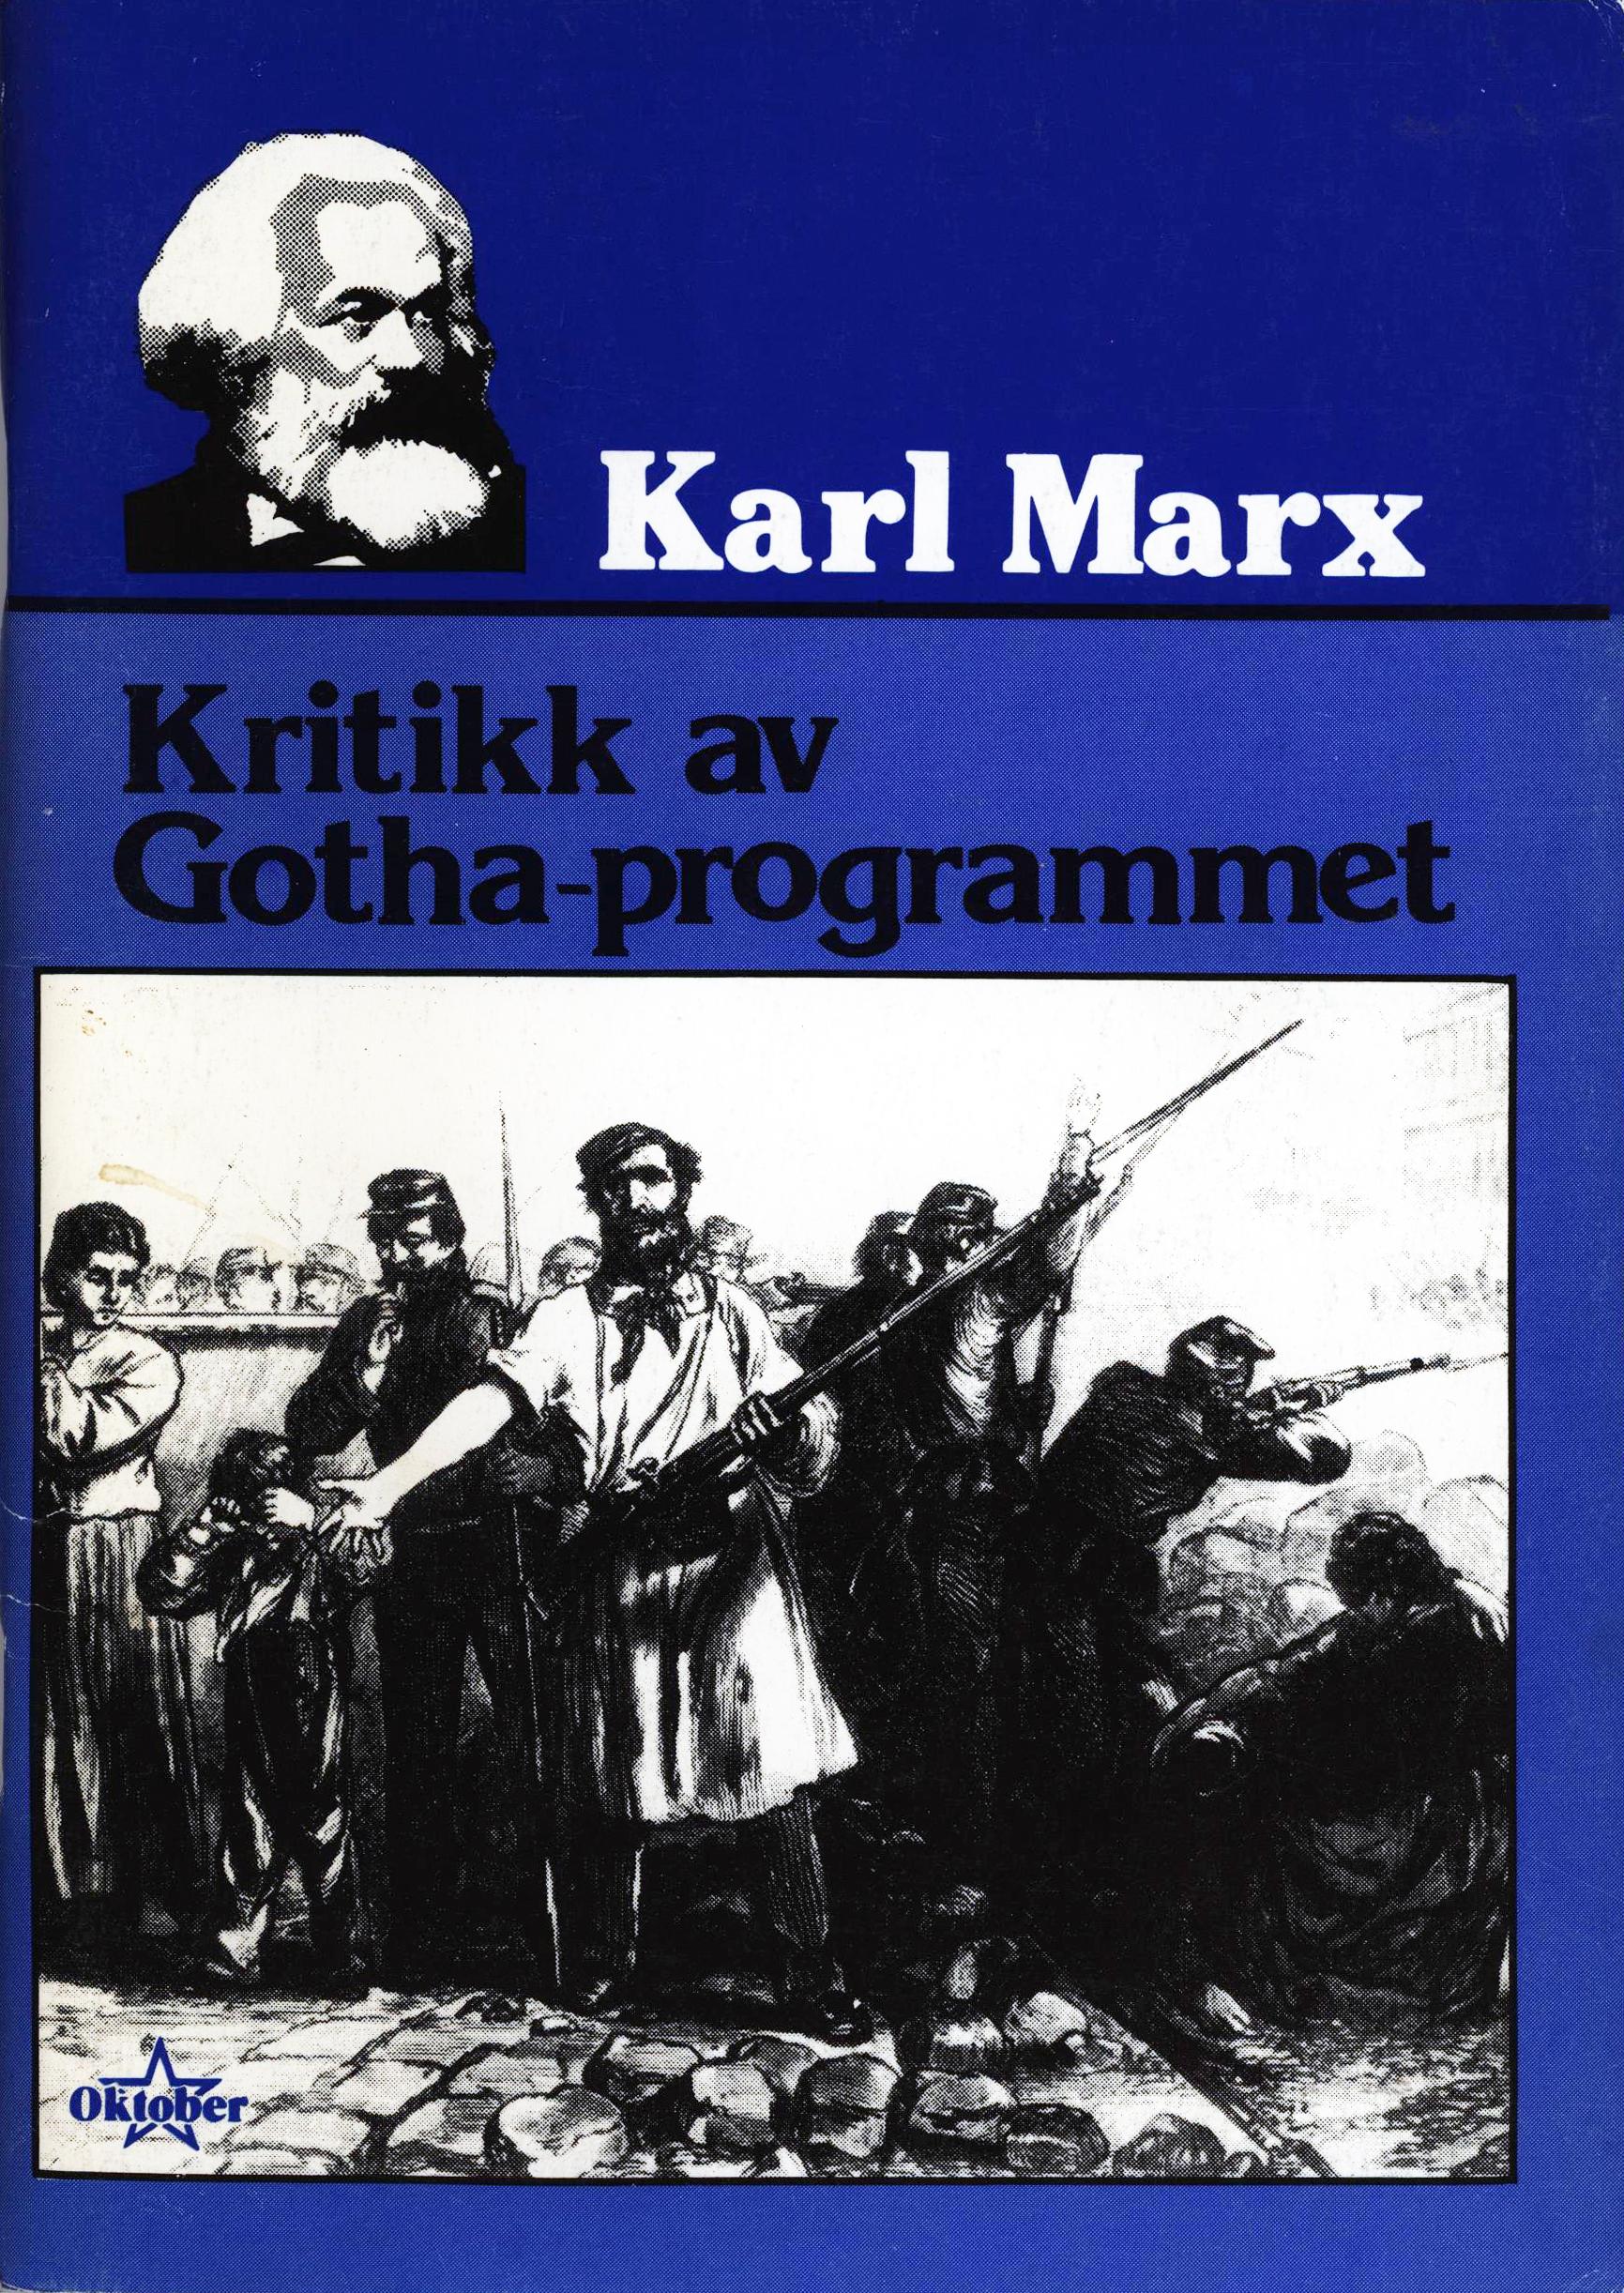 Karl Marx: Kritikk av Gotha-programmet